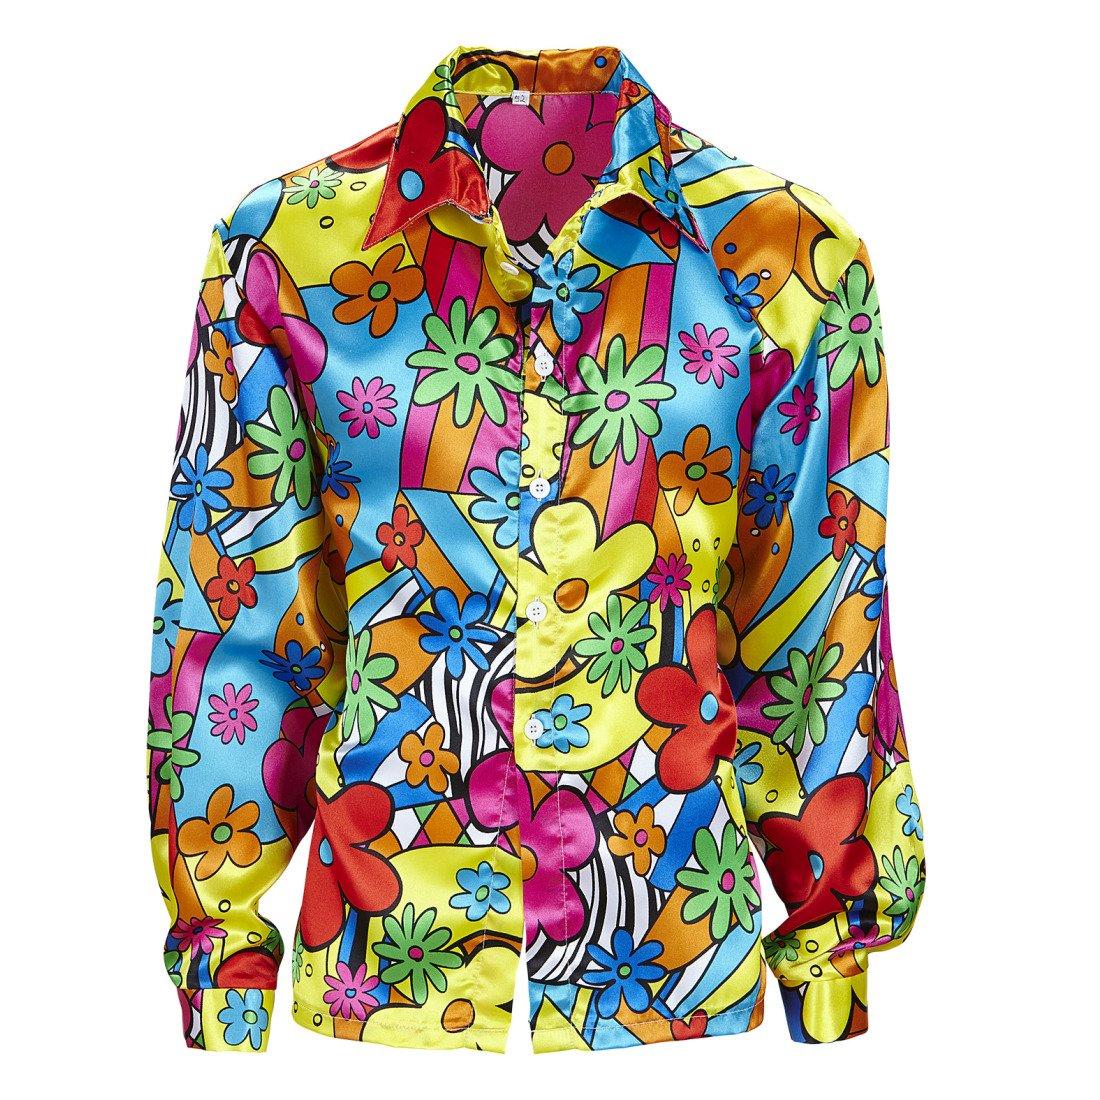 Amakando Camiseta Flores Hombre Camisa Hippie de Colores M 50 Disfraz Hombre Hippie Ropa años 60 72 Parte de Arriba Flower Power Outfit a la Moda: Amazon.es: Juguetes y juegos